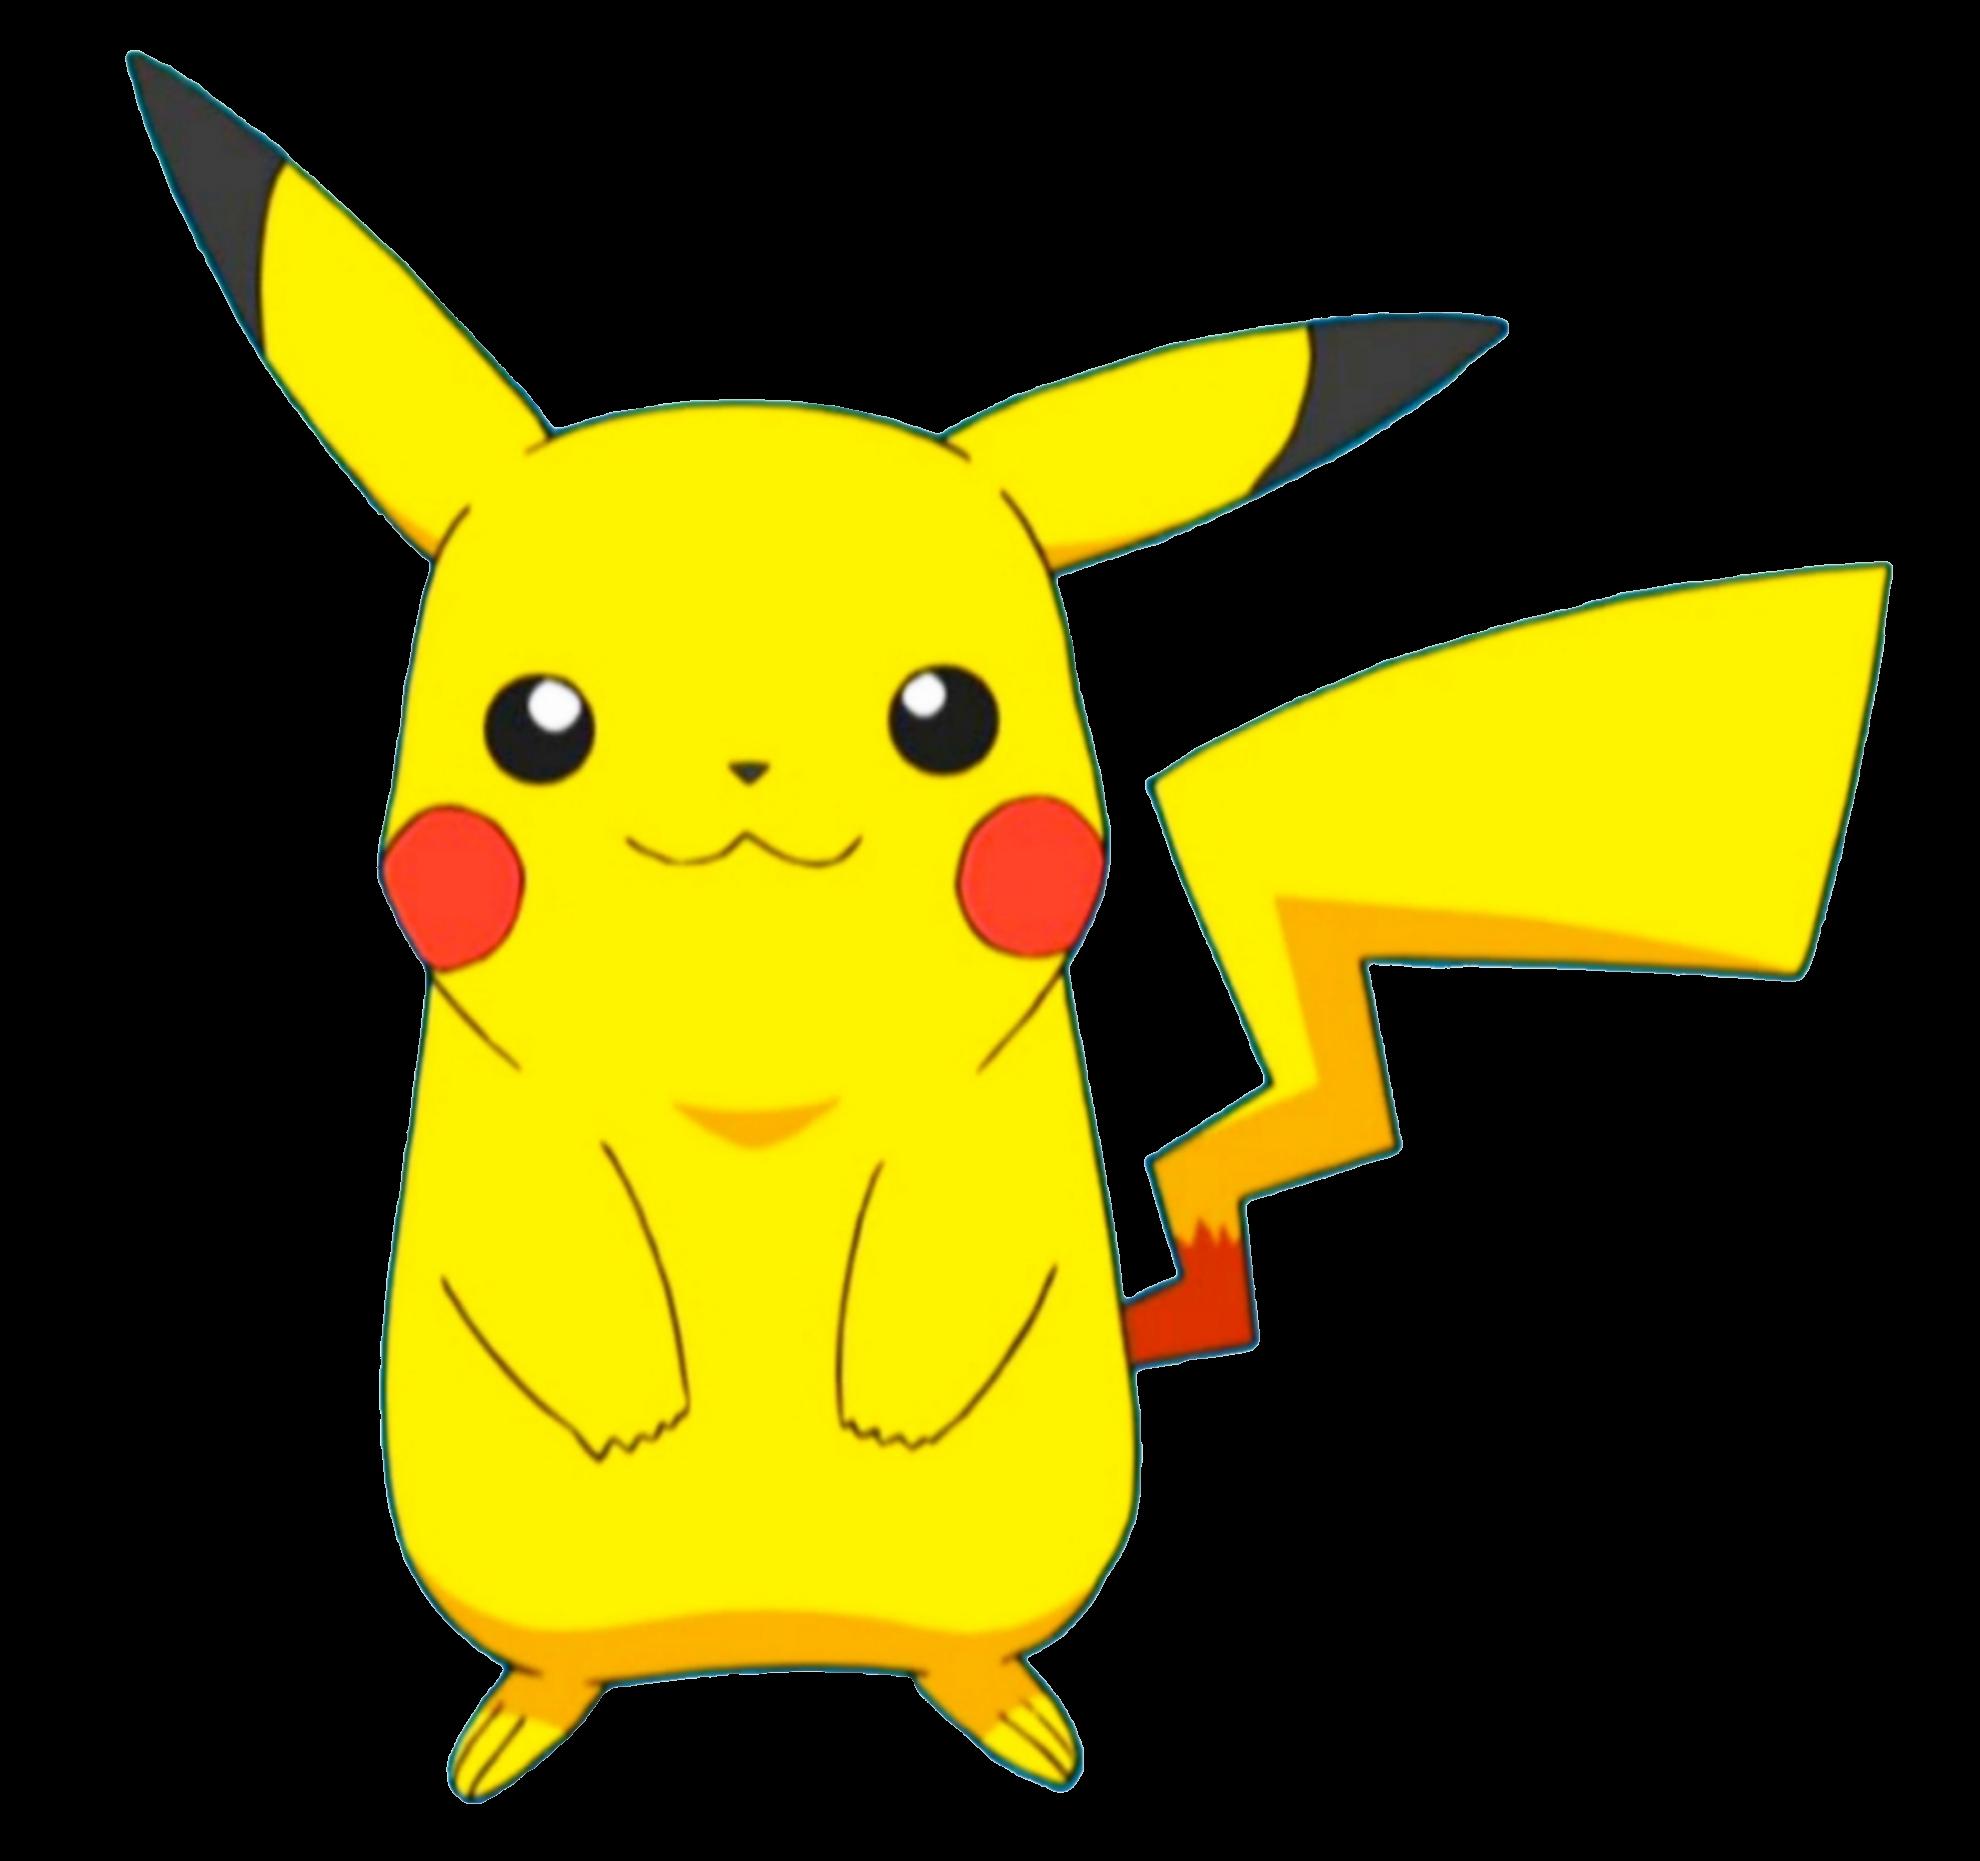 Pikachu sonic pok mon wiki fandom powered by wikia - Pikachu a imprimer ...